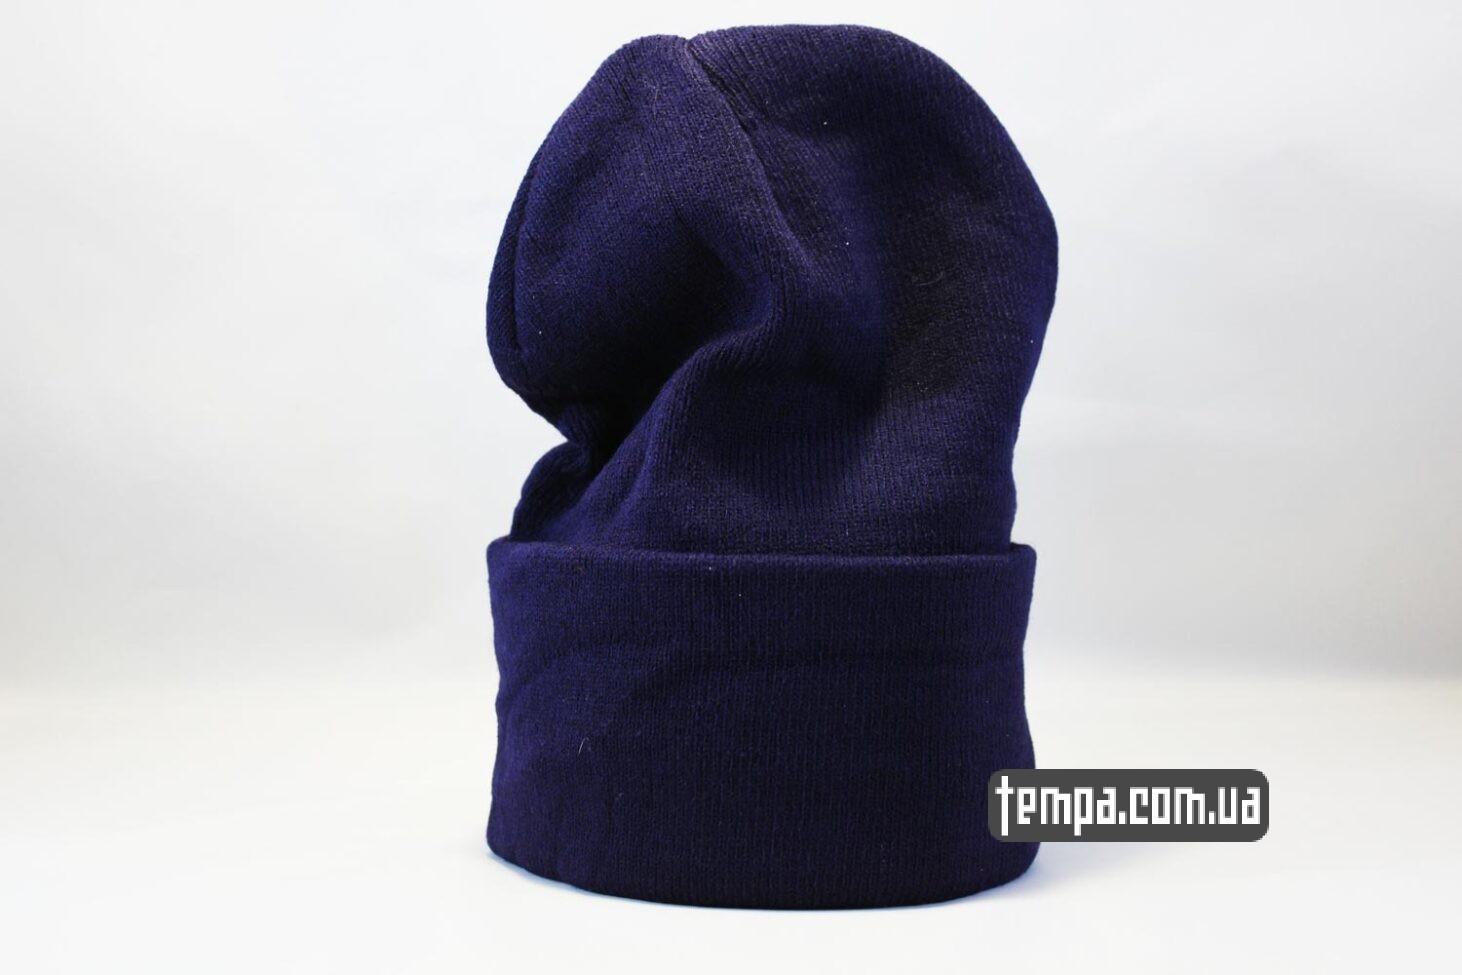 купить оригинальную одежду шапка beanie North Face синяя Норс Фейс